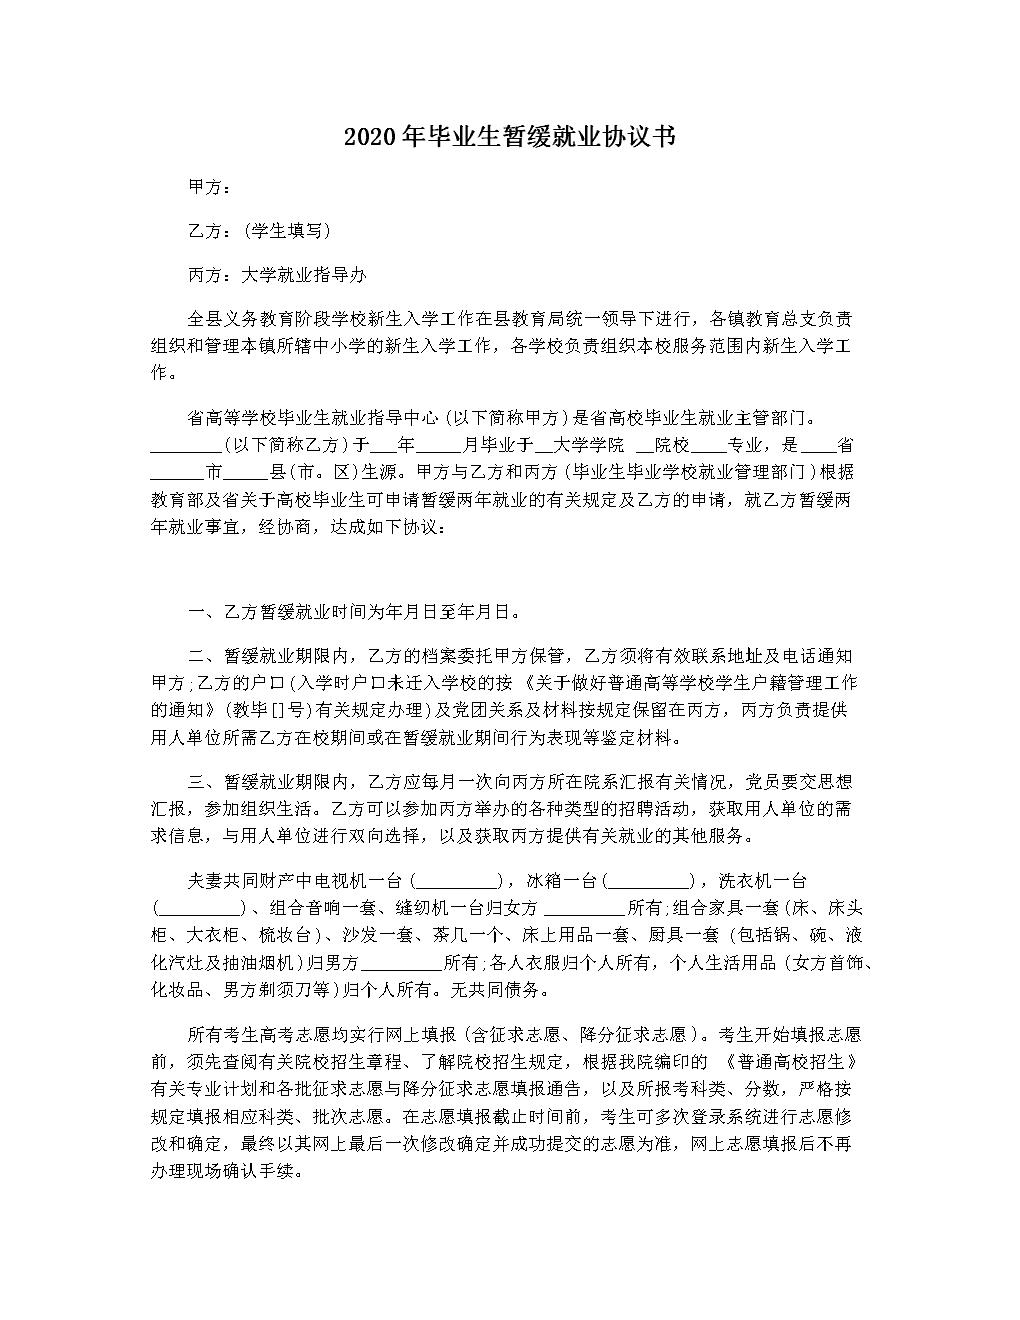 2020年毕业生暂缓就业协议书.docx